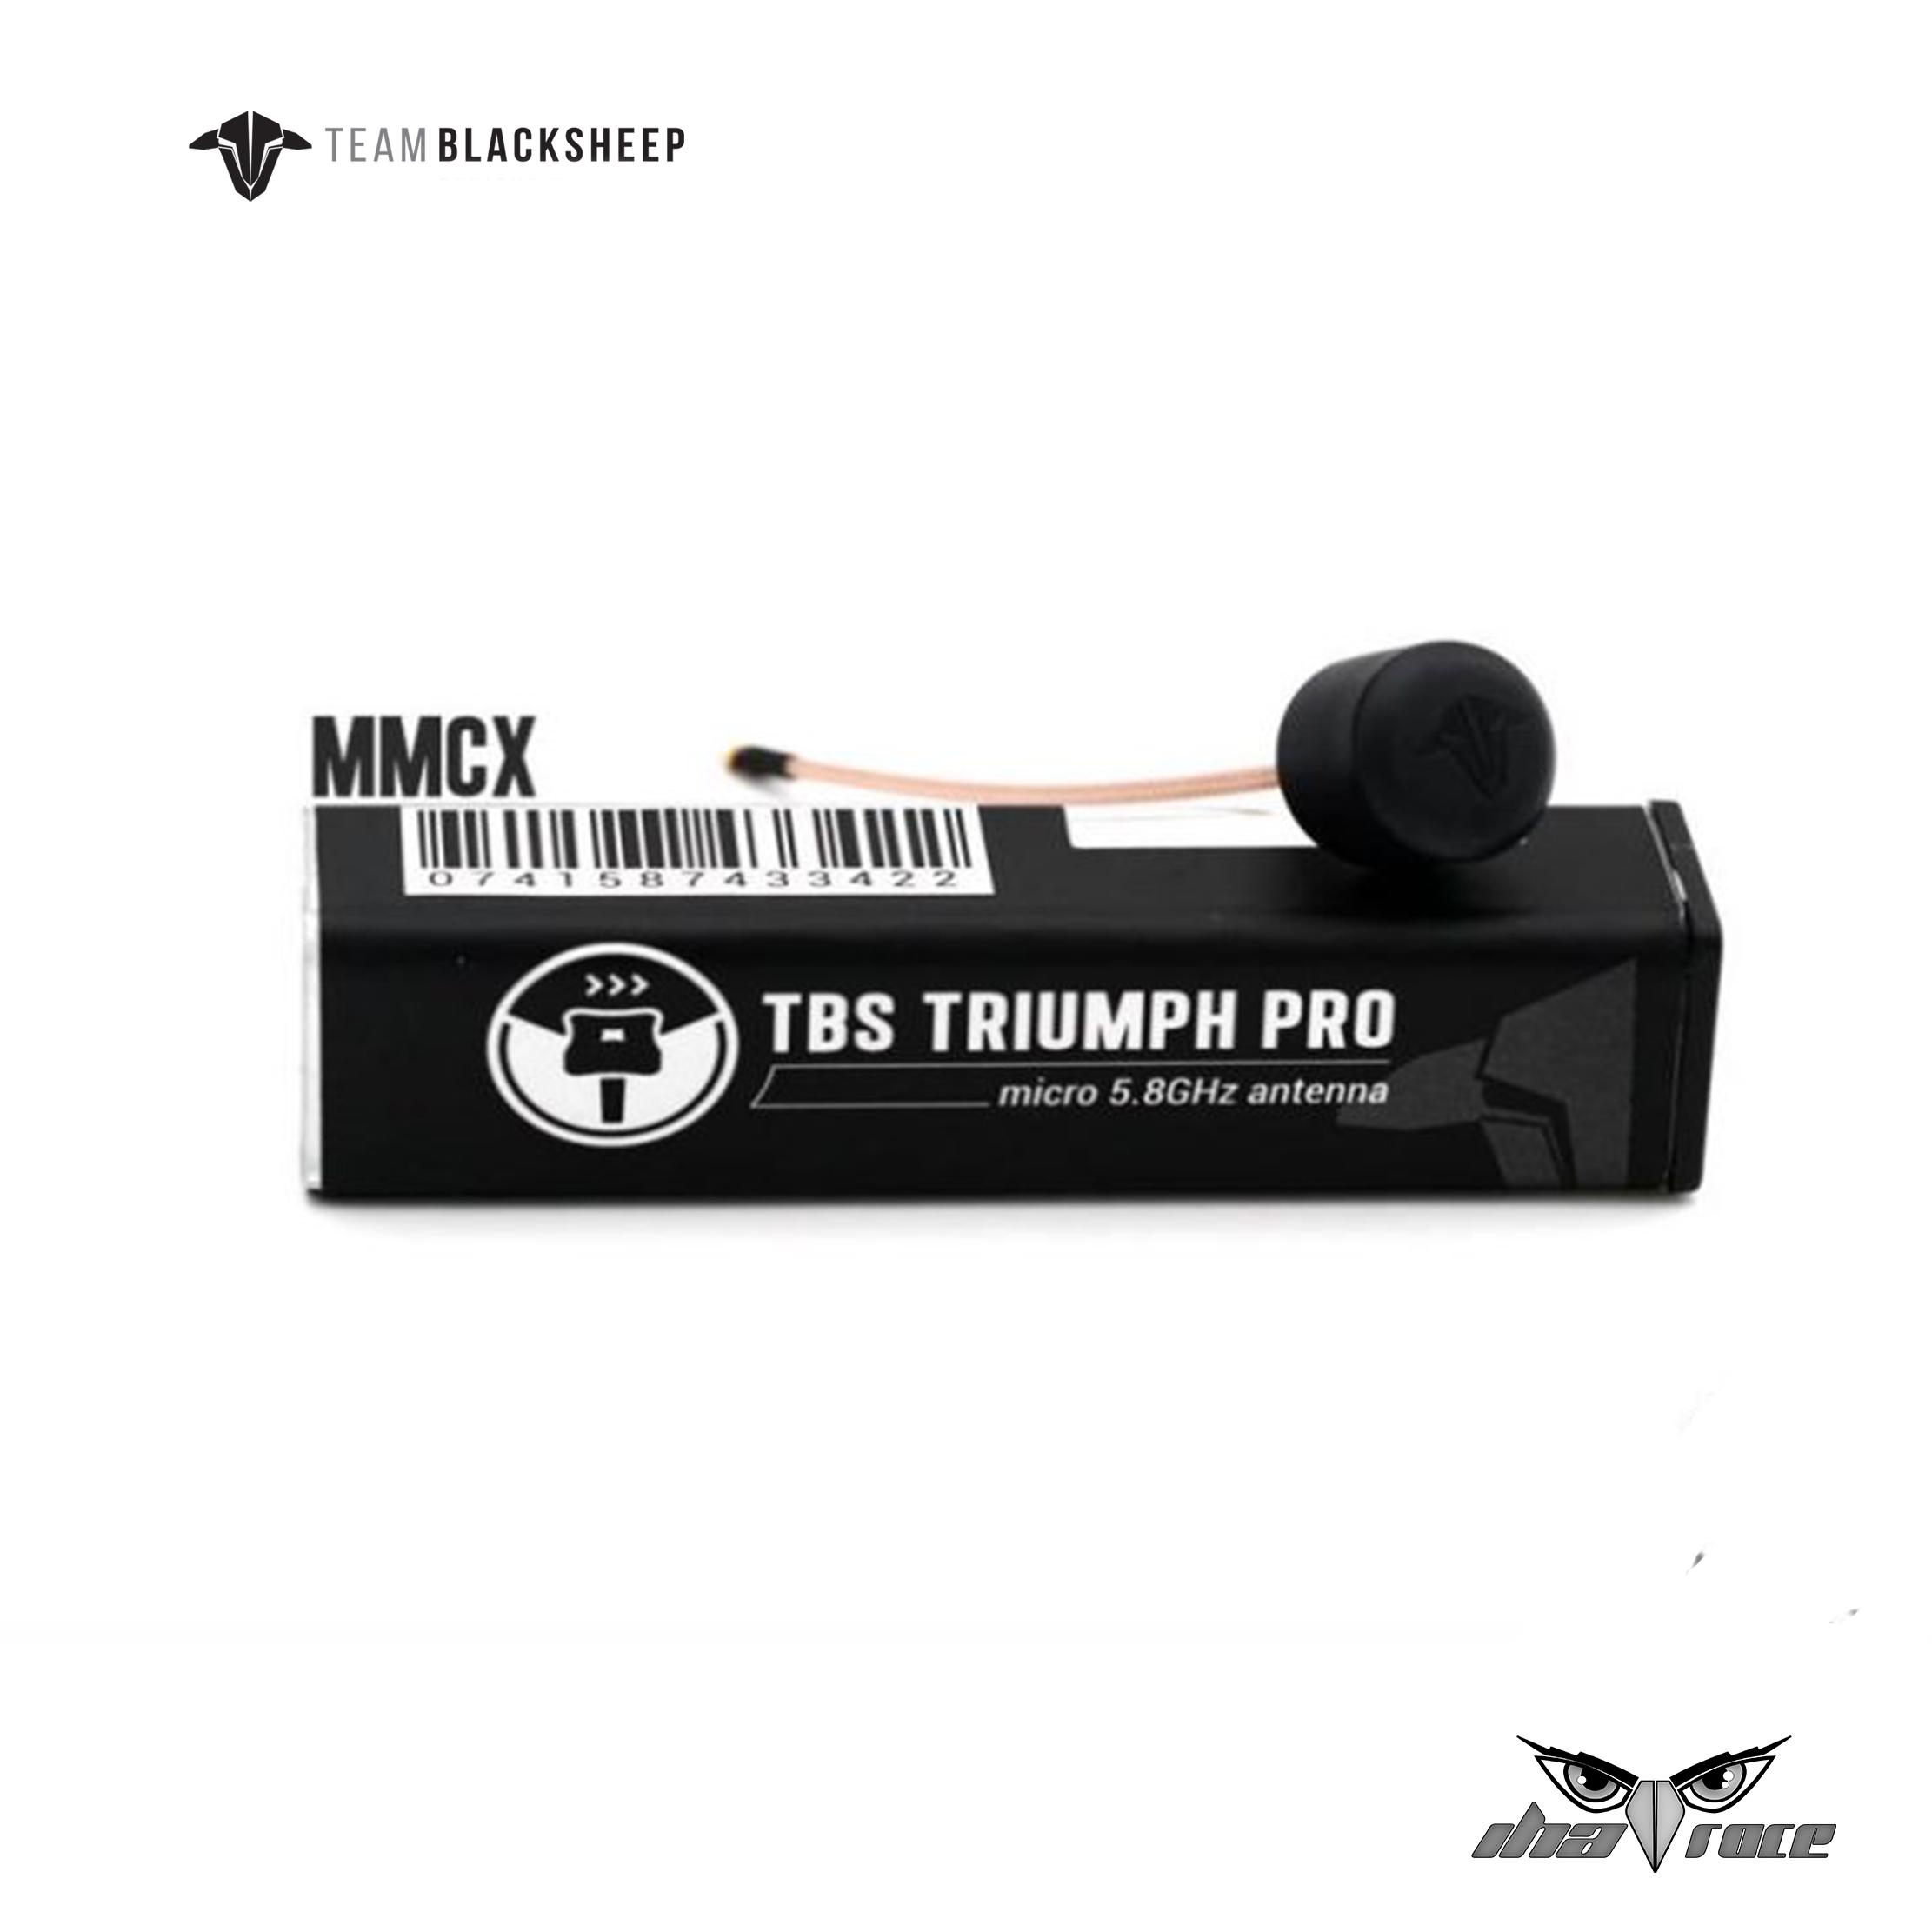 TBS TRIUMPH PRO (MMCX)